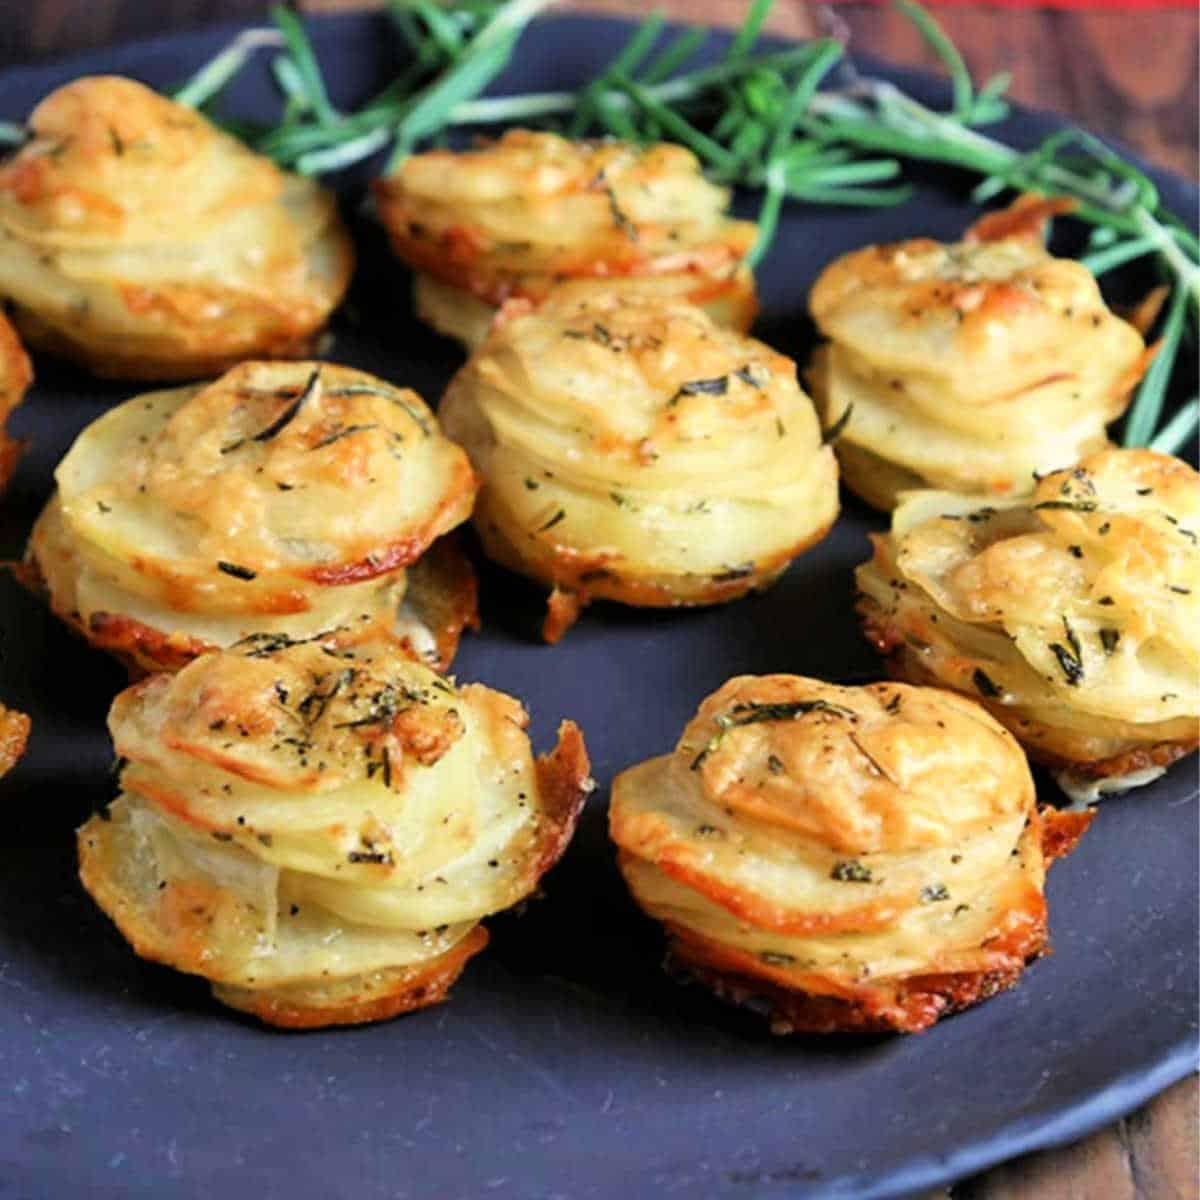 asiago potato stacks